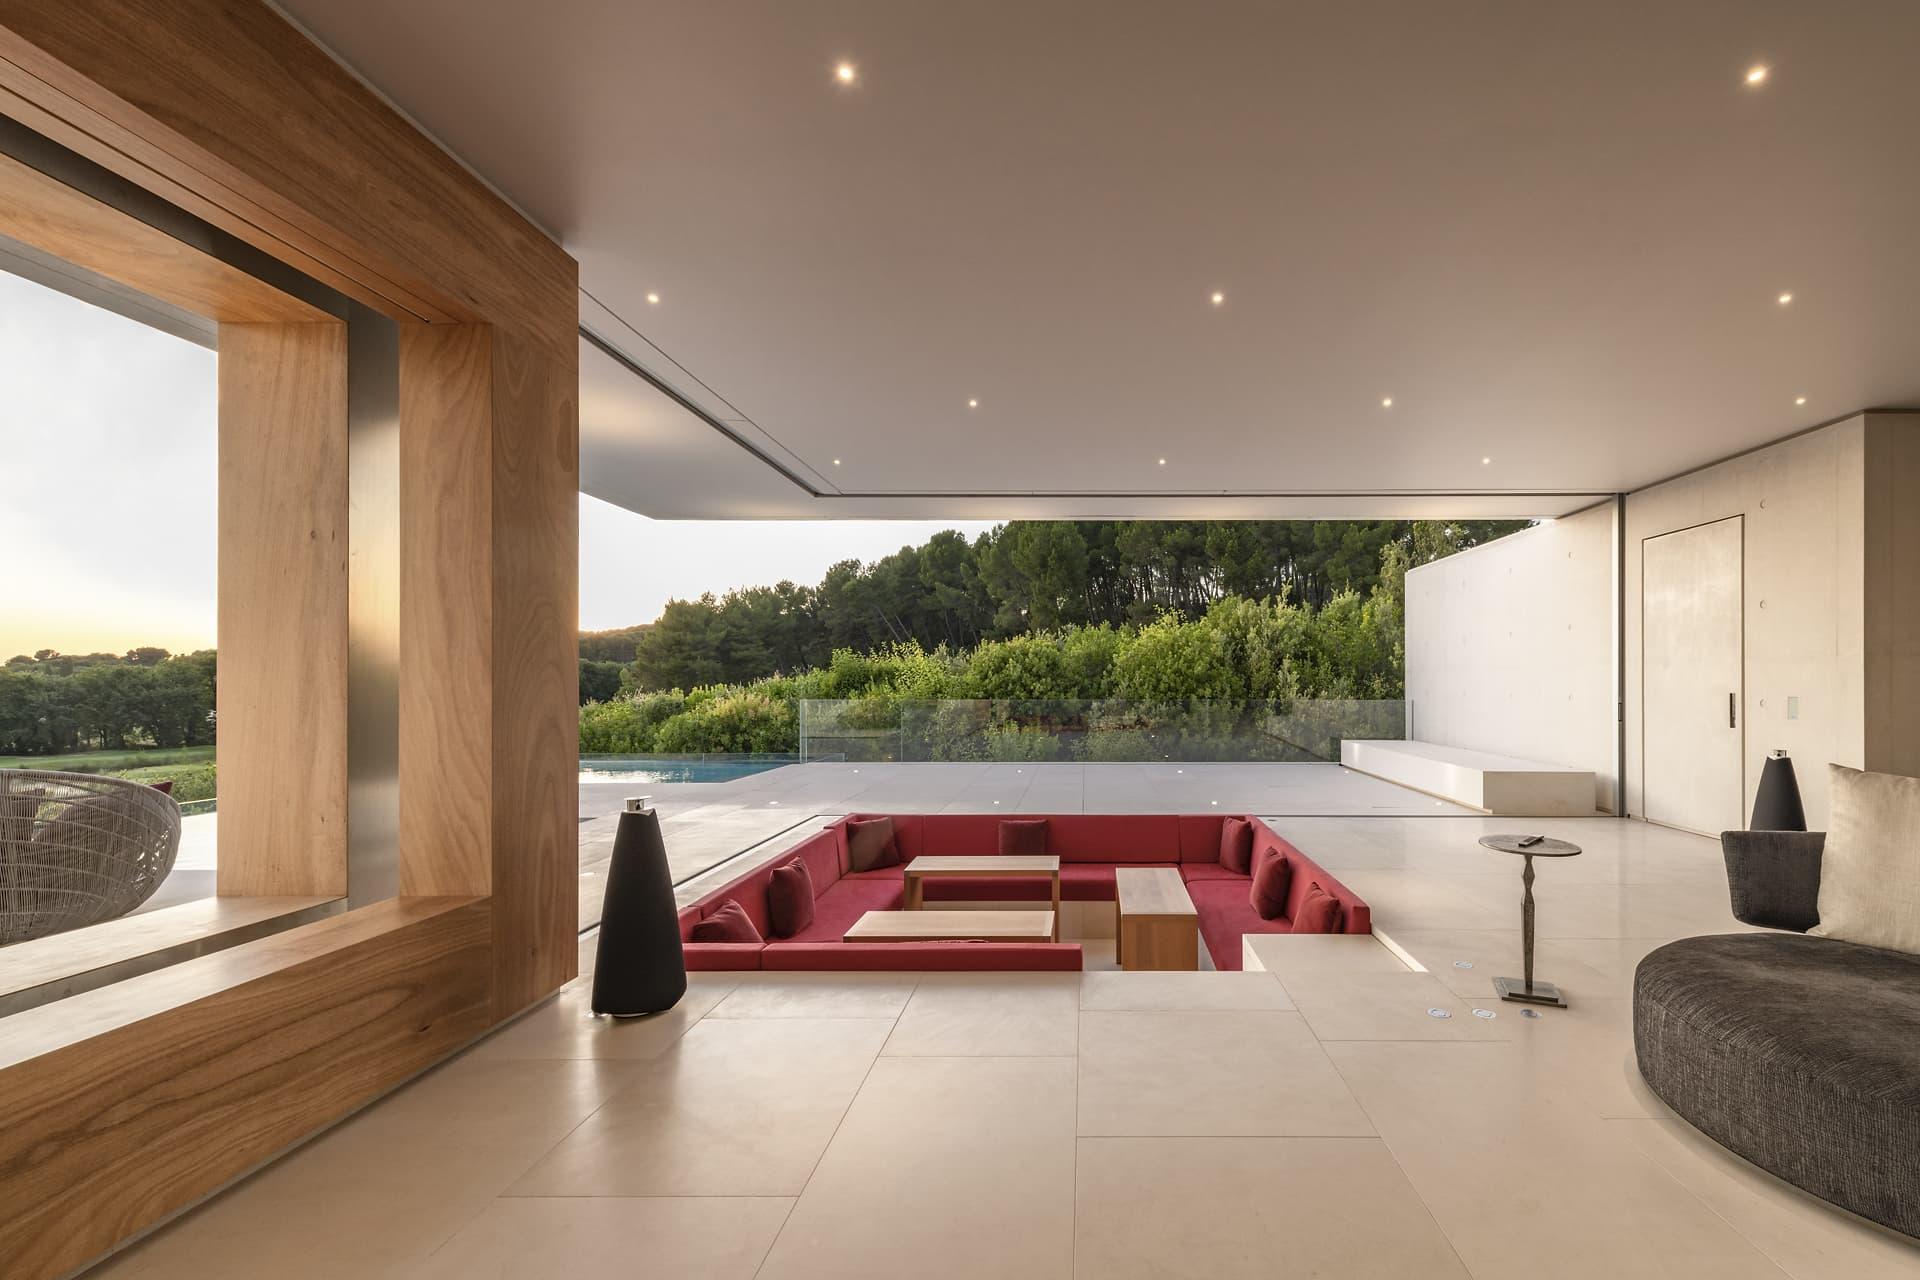 Salon ouvert sur l'extérieur de la villa privée Sigma et spot encastré en forme de ciel étoilé